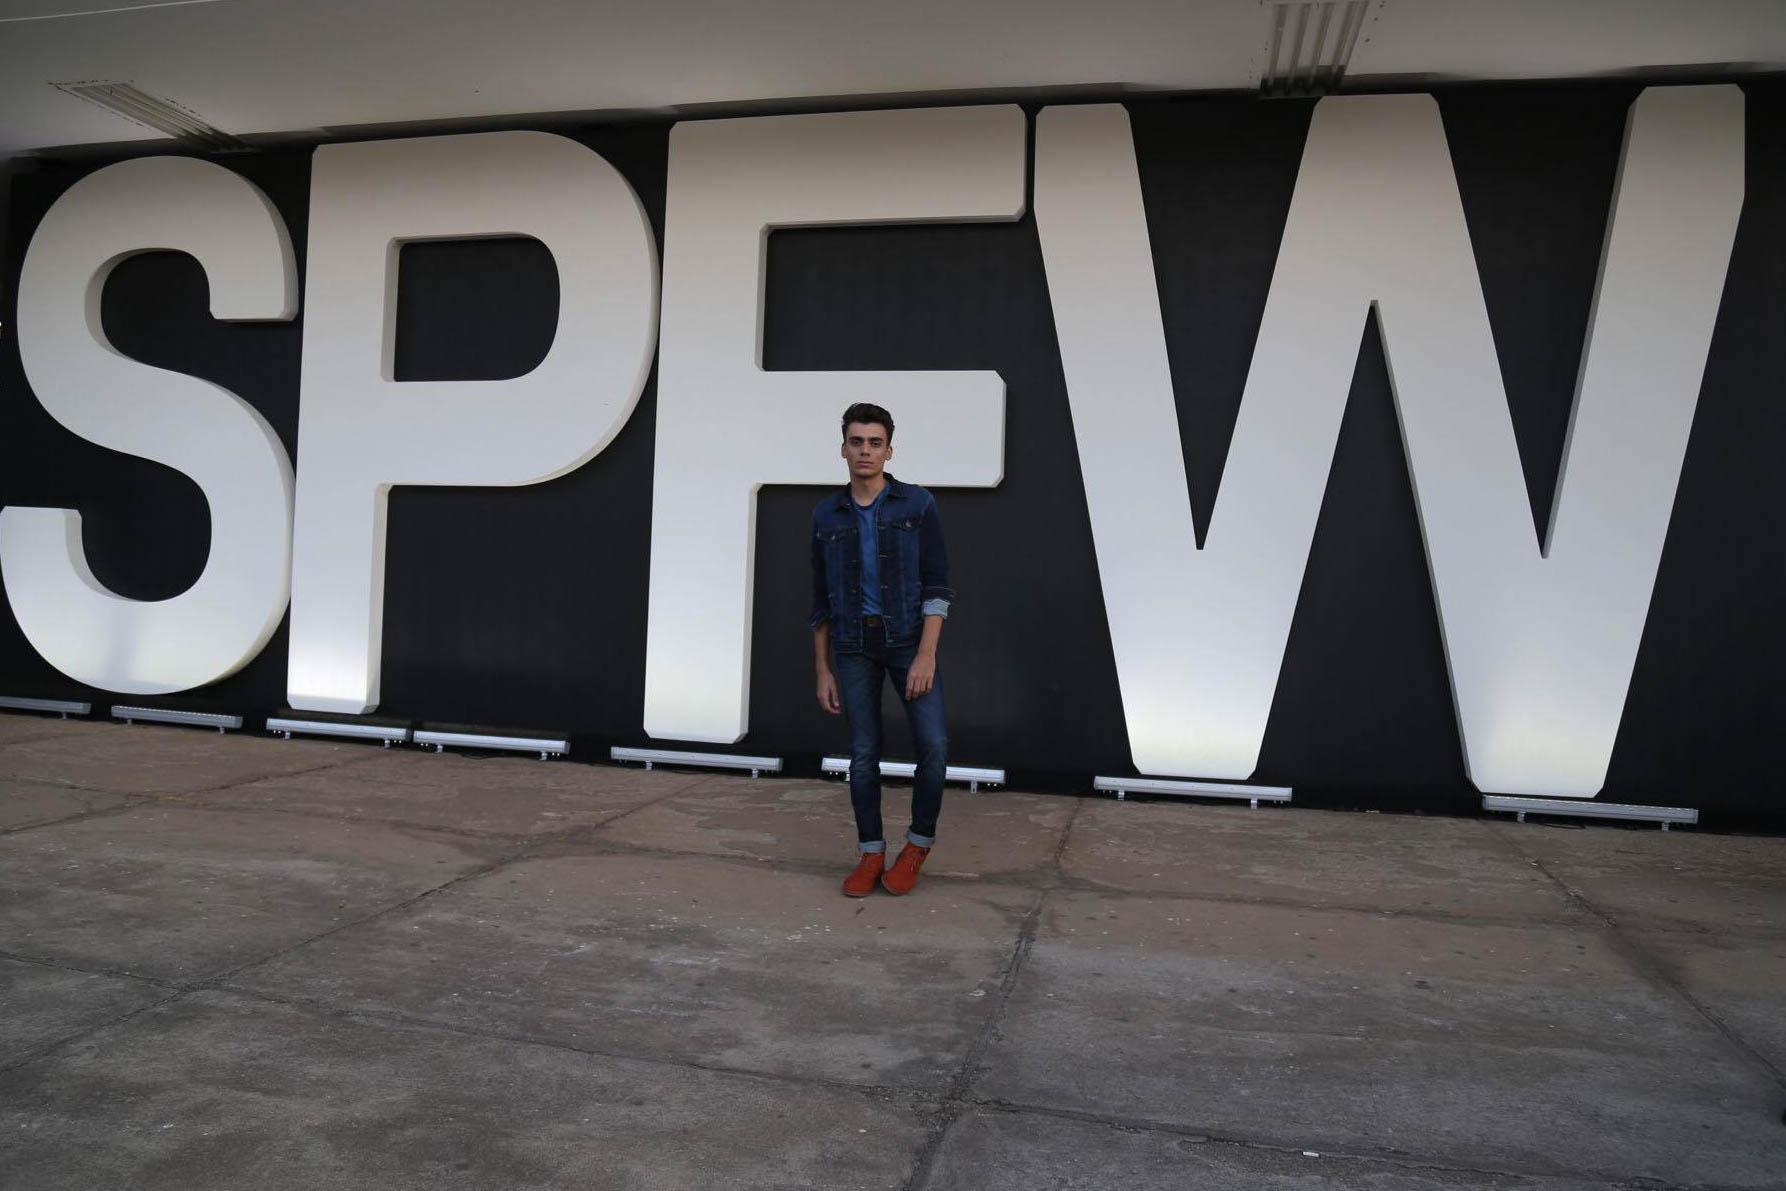 spfw, spfwn41, desfile masculino, moda masculina, outfit, streetstyle, moda, dicas de moda, blogueiro de moda, blogger, fashion blogger, mens, clothing, digital influencer, alex cursino, damyller siomne dib, (1)